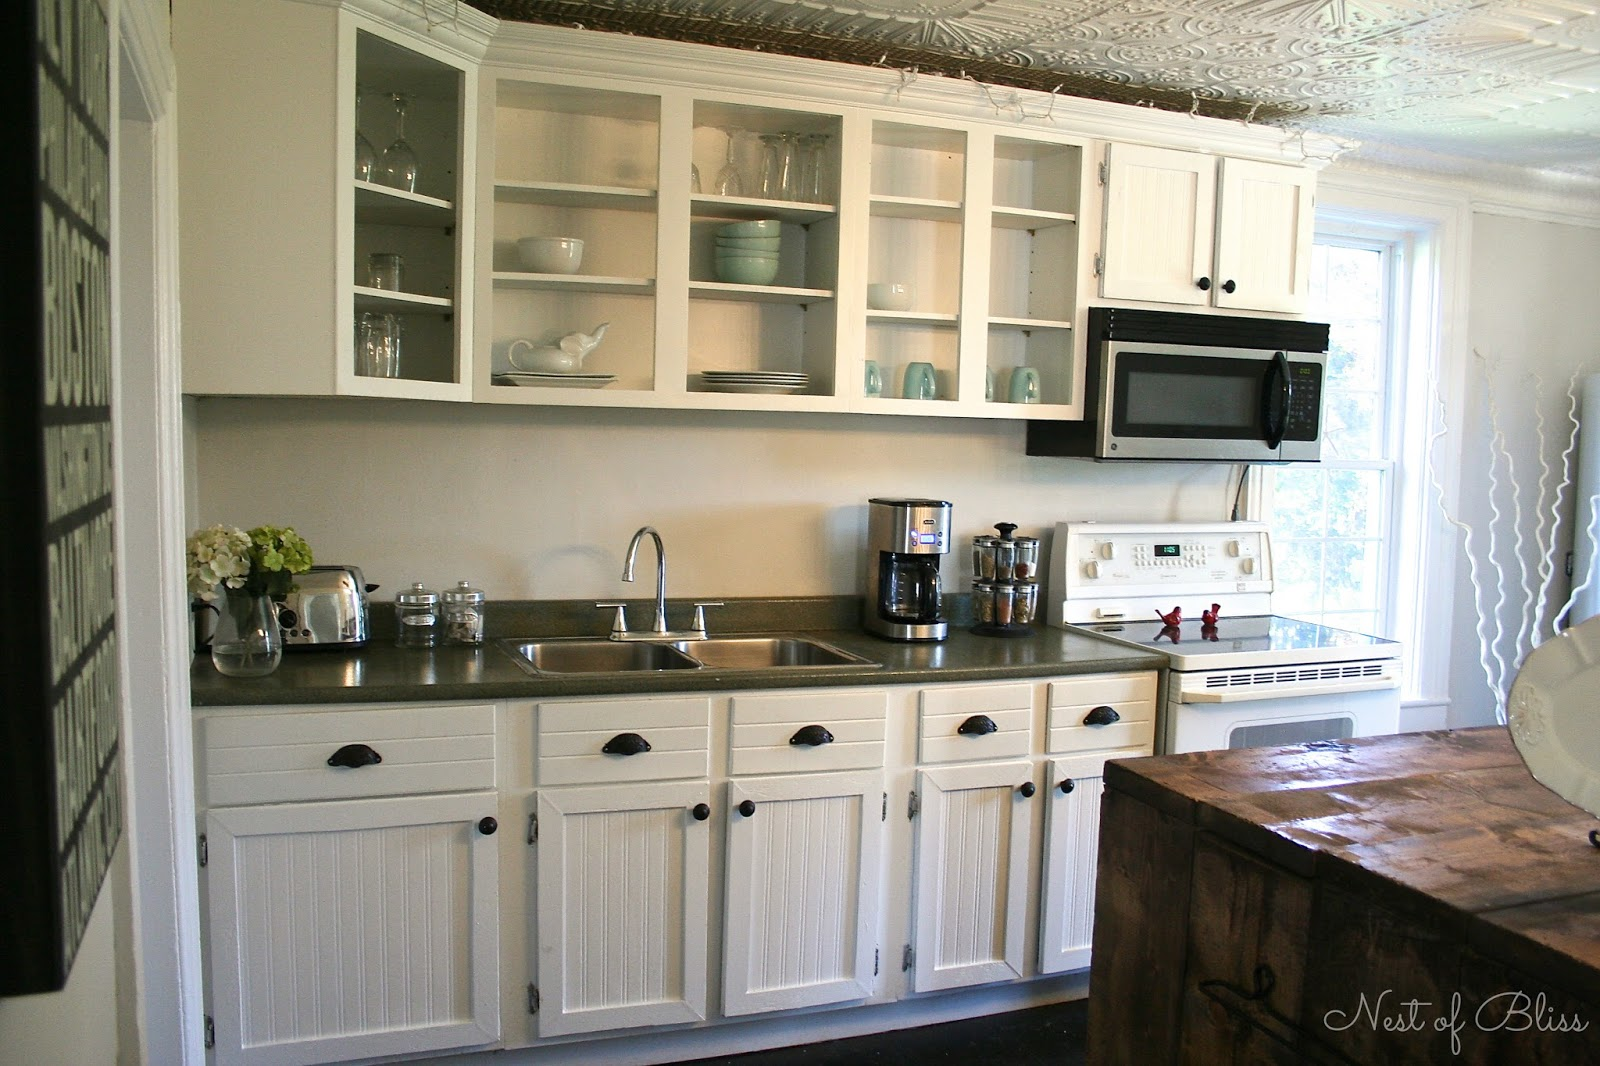 modern interior budget diy kitchen. Black Bedroom Furniture Sets. Home Design Ideas